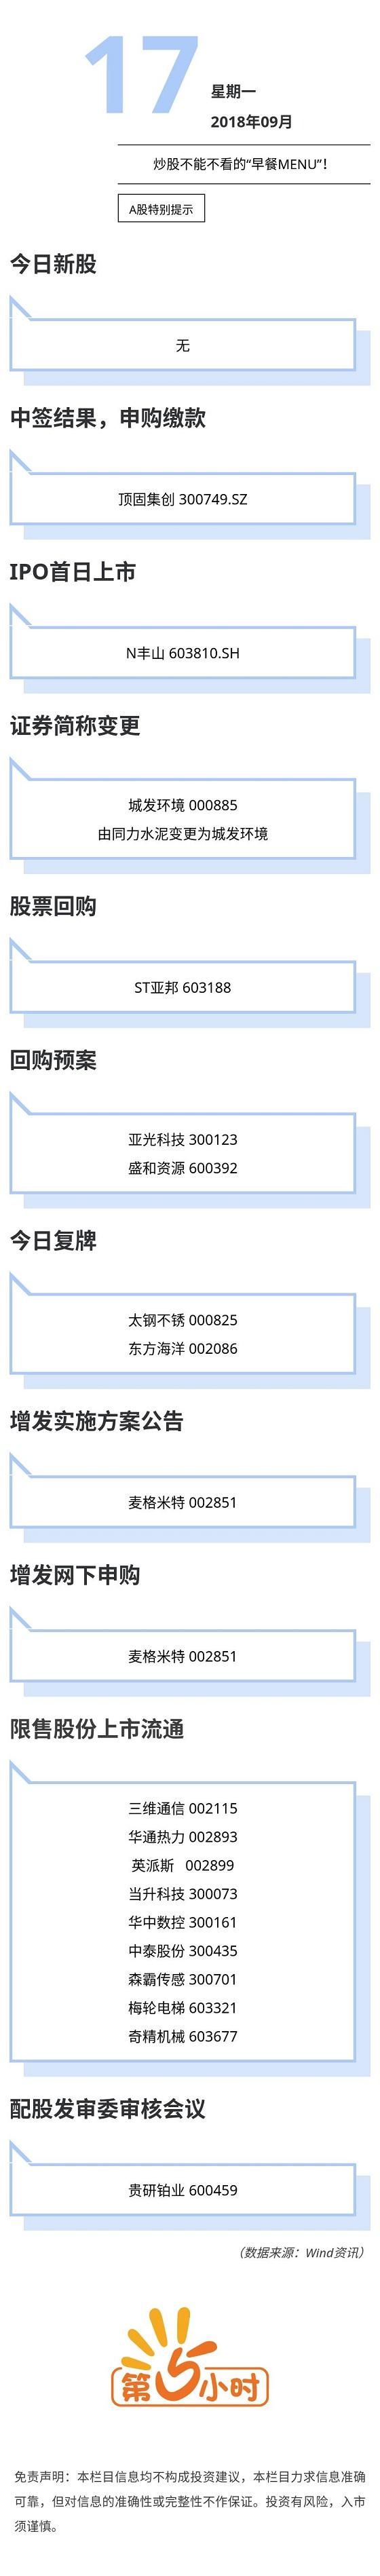 A股特别提示(2018-09-17).jpg